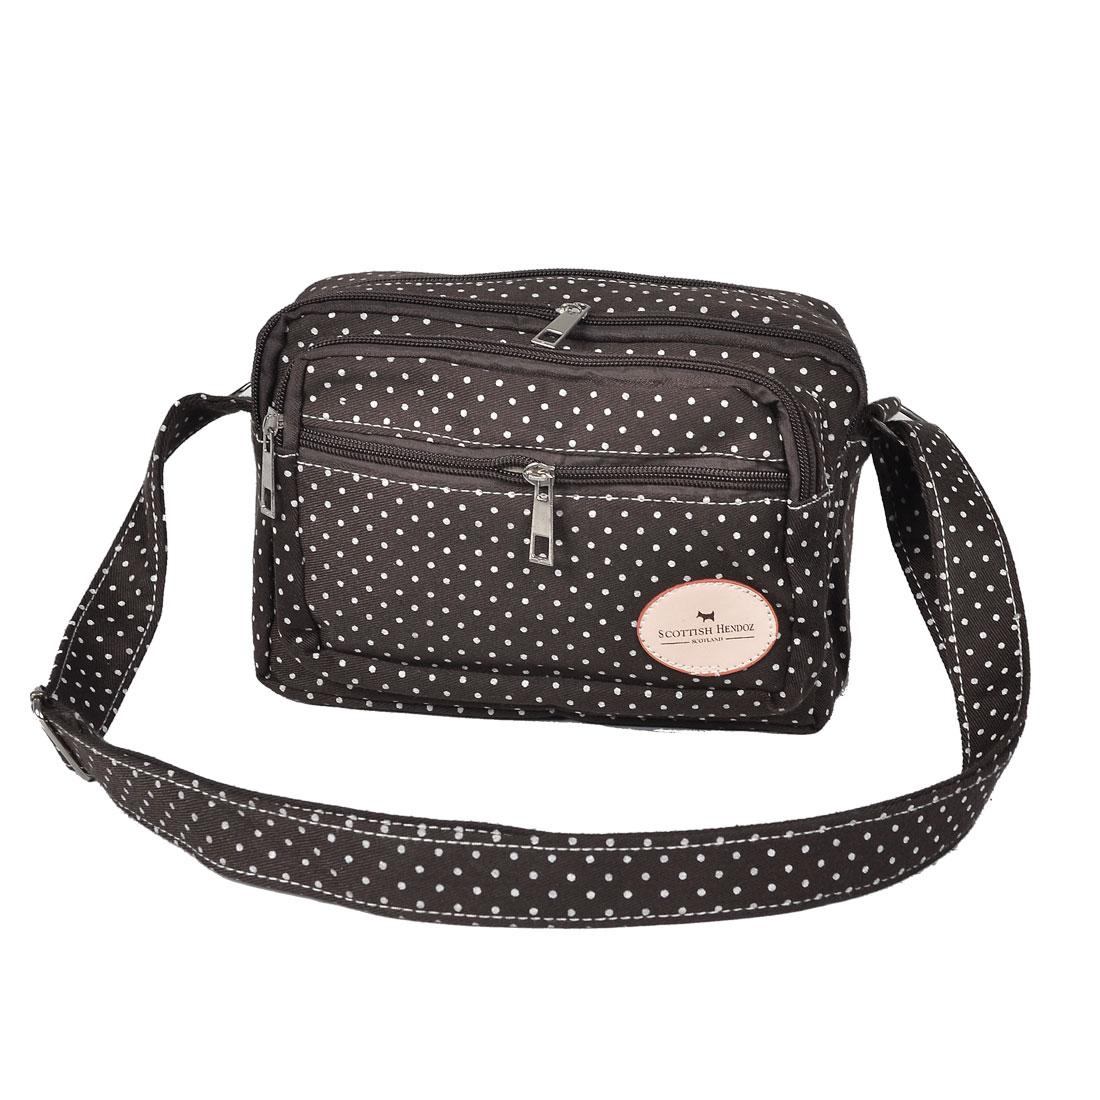 Woman Adjustable Strap Zipper Closure 4 Pocket Dark Coffee Shoulder Bag Handbag